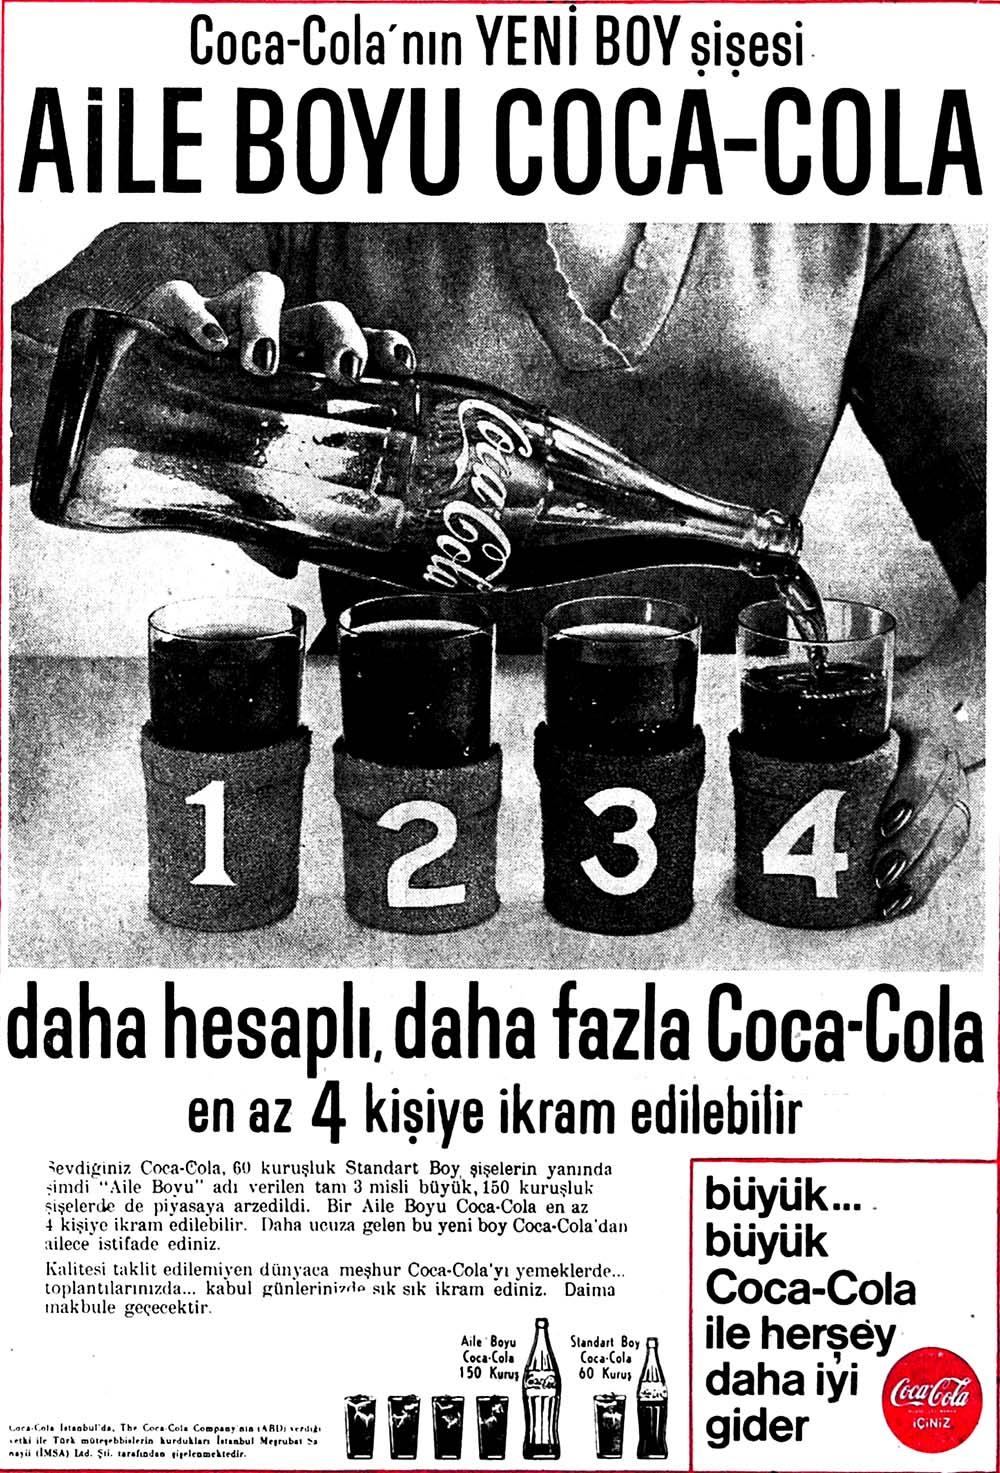 Coca-Cola'nın Yeni Boy şişesi